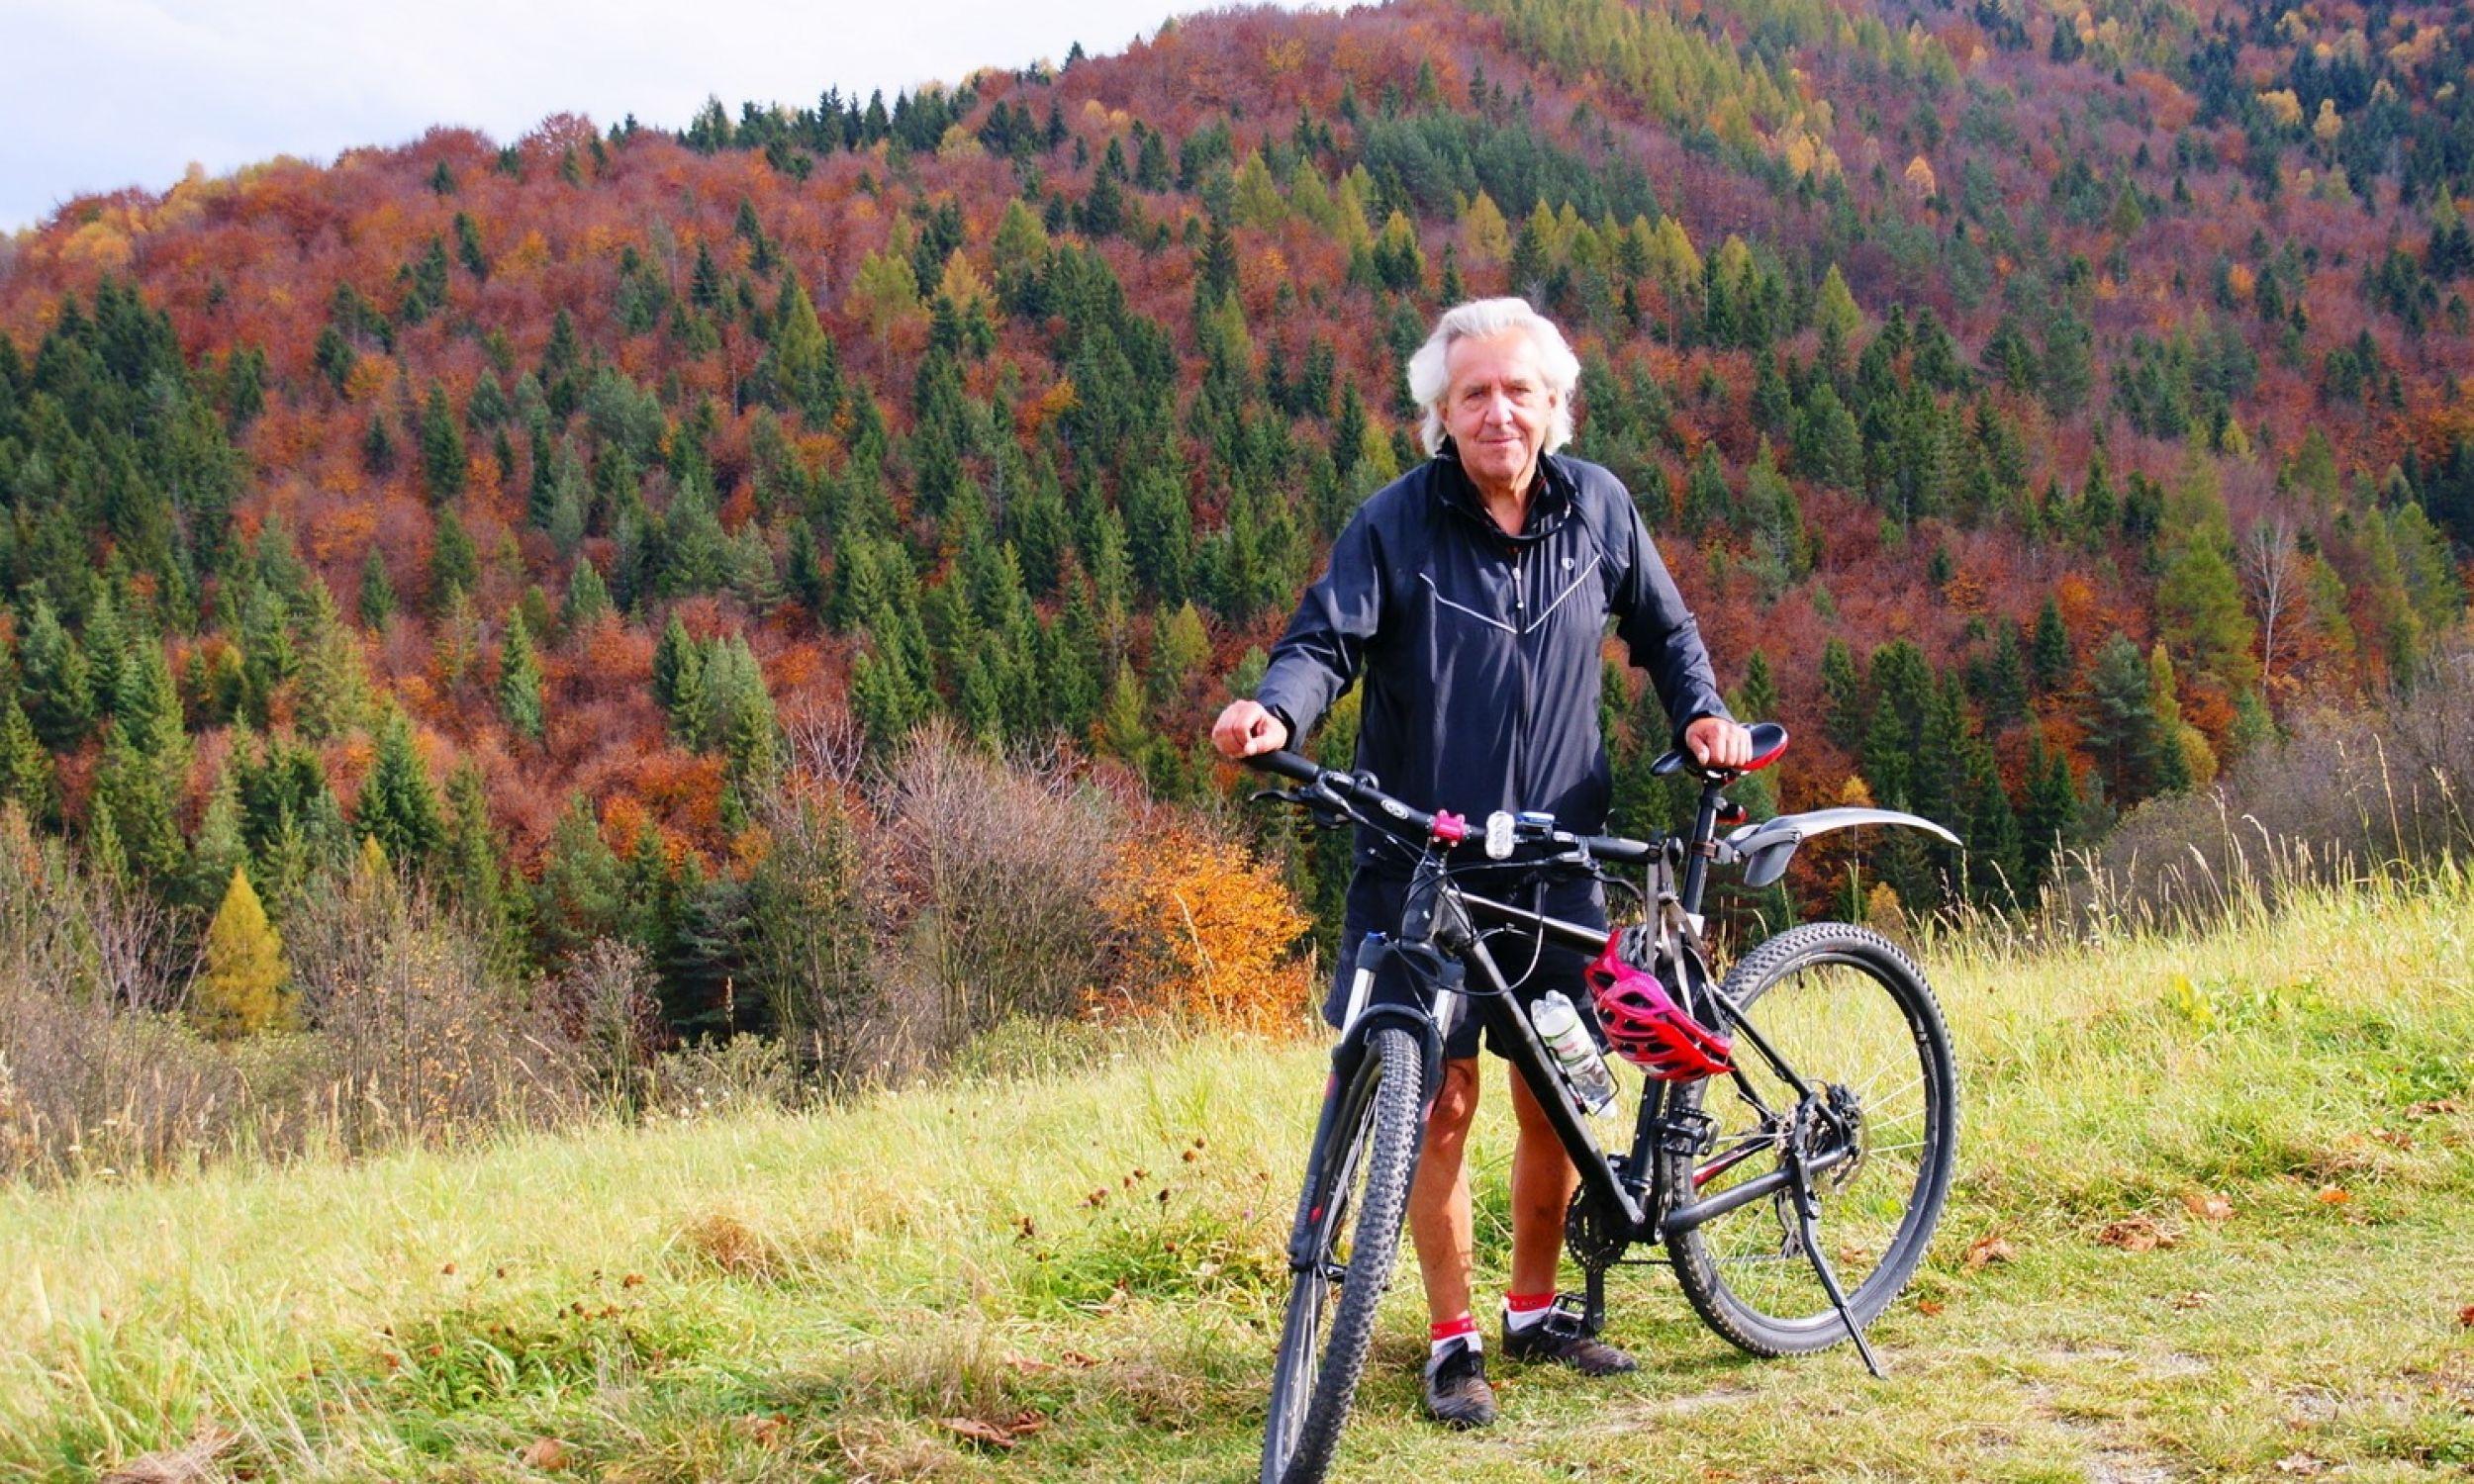 Ryszard Kruk jest zapalonym cyklistą. – Muszę cały czas coś robić, bez przerwy się ruszać. Stąd moja miłość też do aktywności fizycznej, głównie do roweru. Pokonuje na nim kilka tysięcy kilometrów rocznie. Zaraziłem tą pasją innych poprzez organizację w regionie rajdów rodzinnych. Ale kocham też narty czy tenis – mówi. Fot. Almanach Muszyny